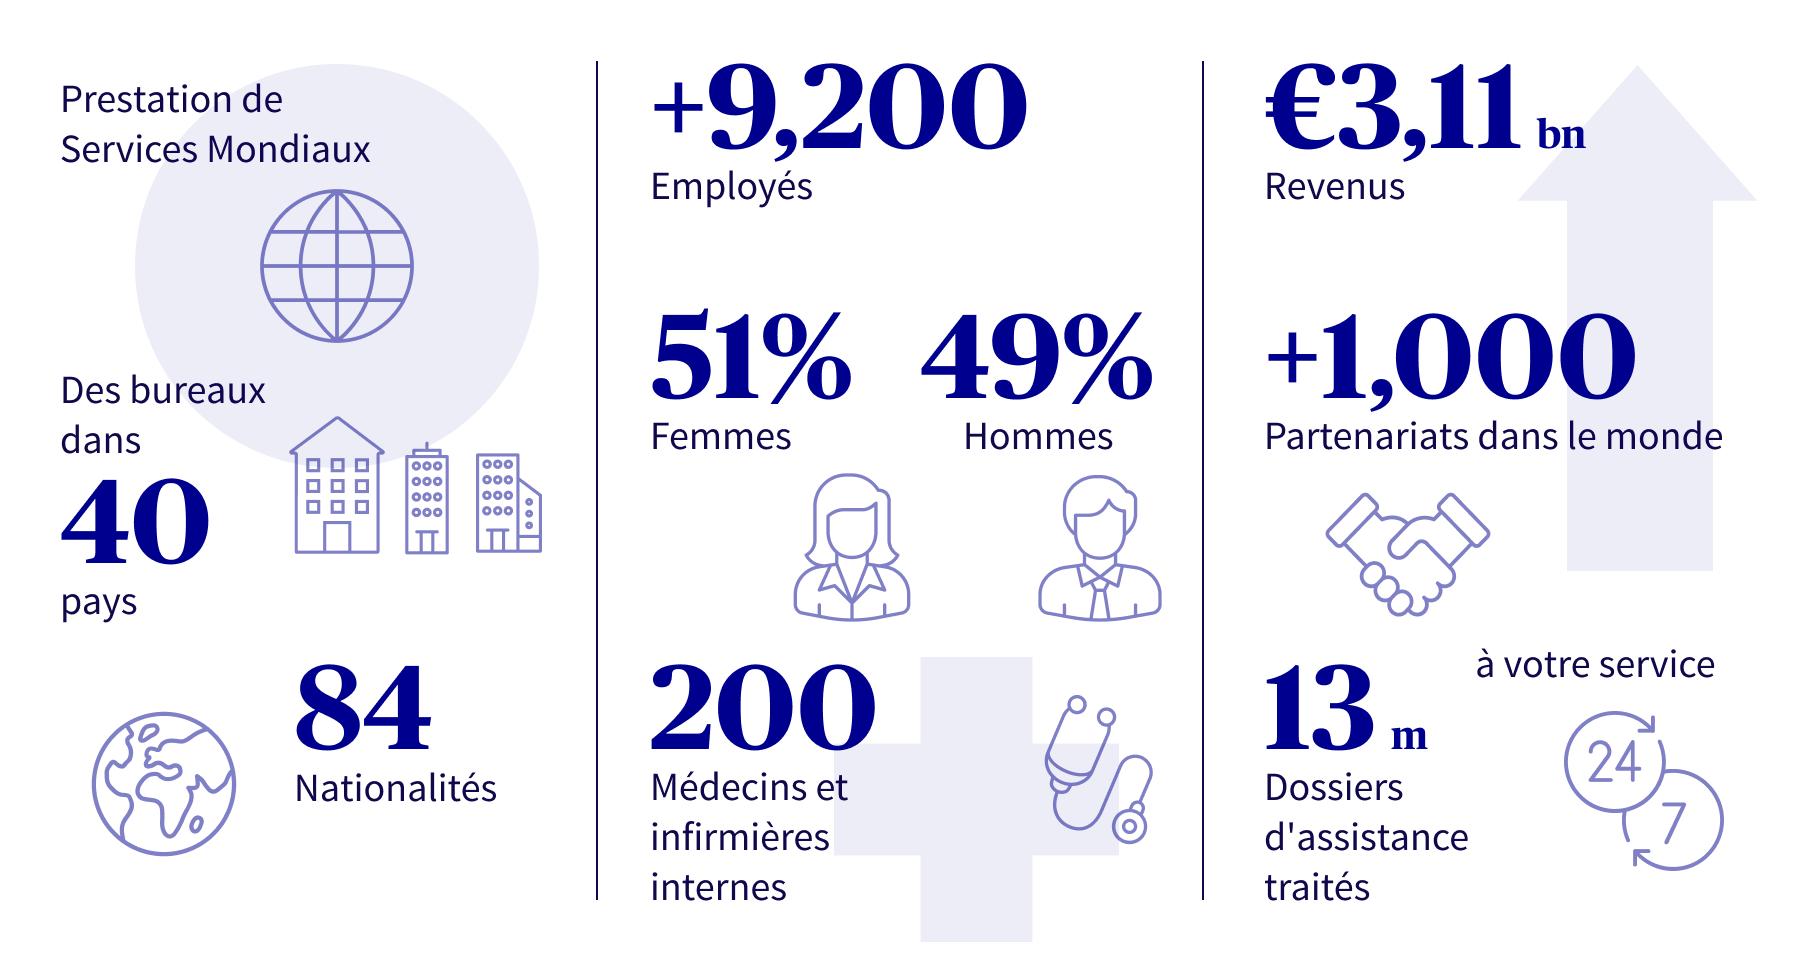 AXA Partners en chiffres